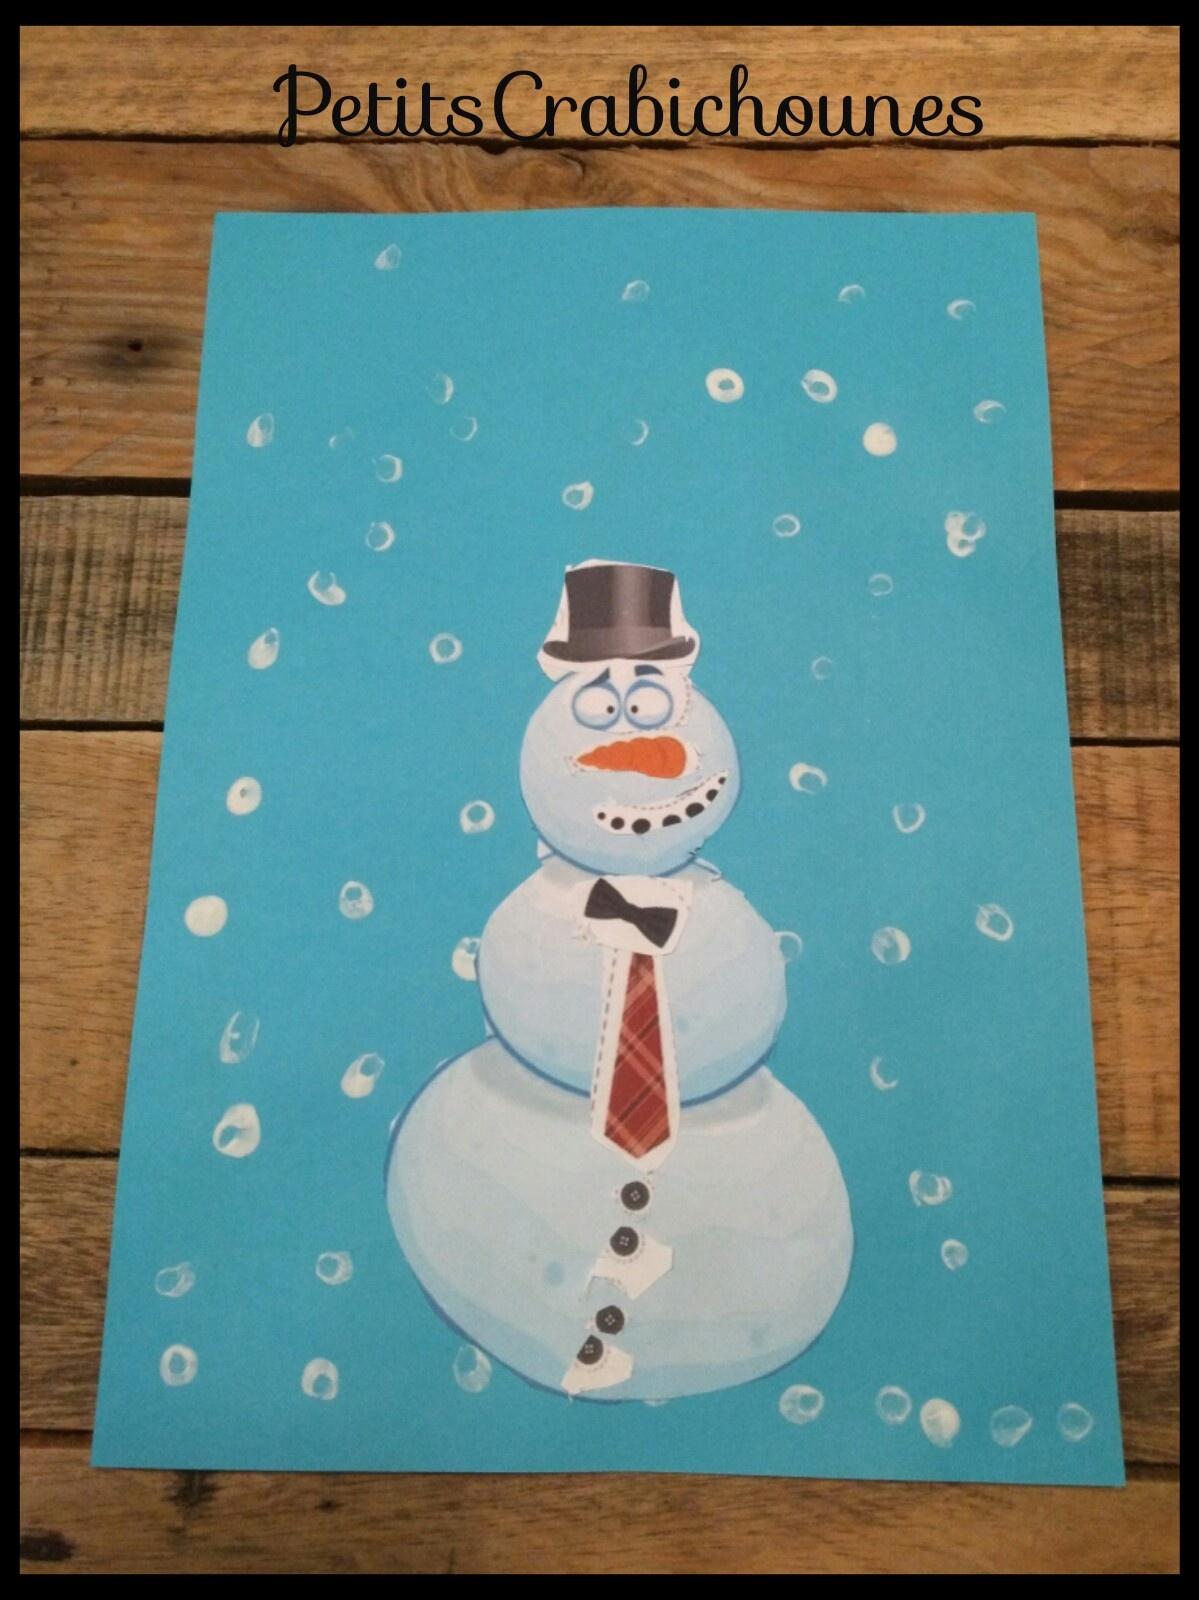 Bonhomme De Neige À Découper Et Peinture Coton-Tige destiné Bonhomme De Neige À Découper